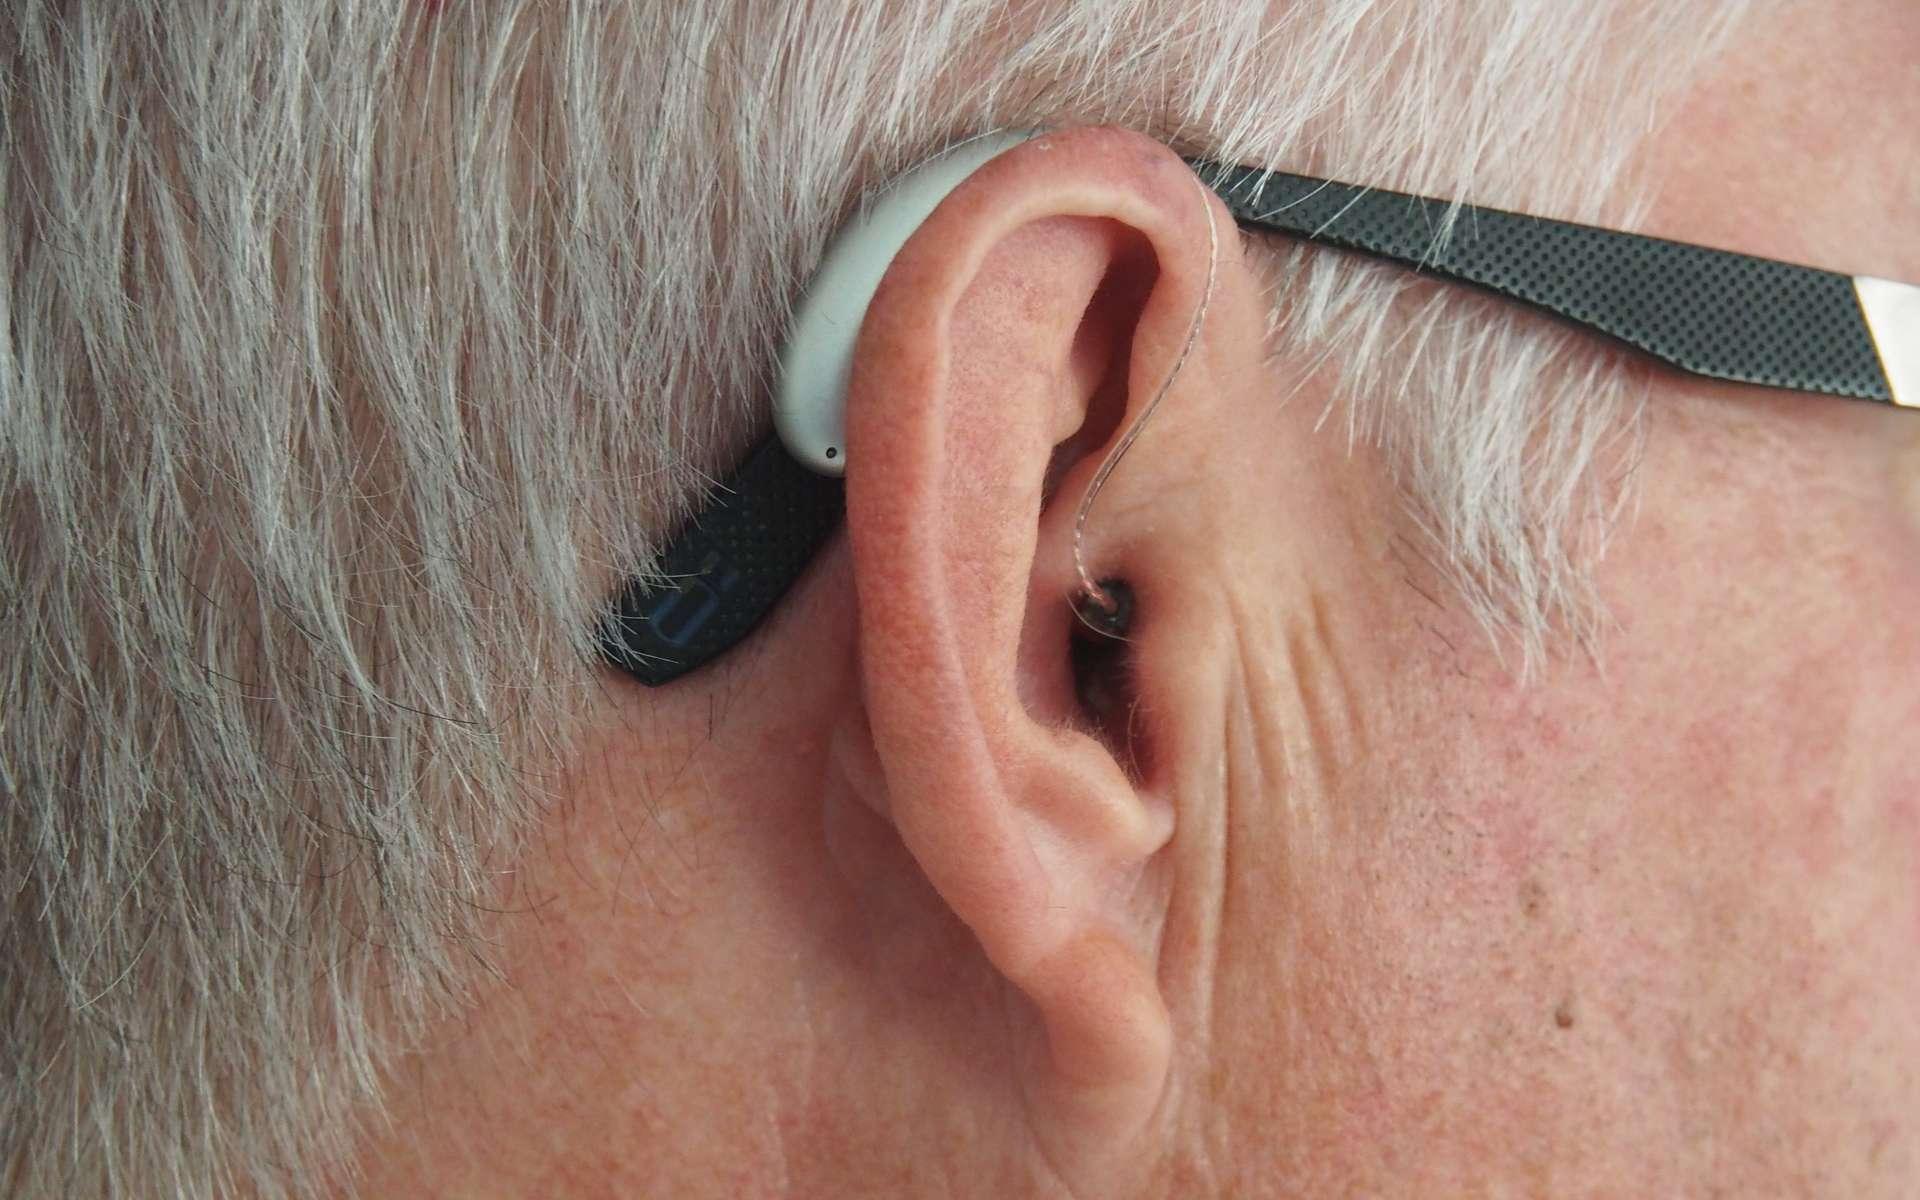 La baisse auditive toucherait quelque six millions de personnes en France. © Mark Paton, Unsplash